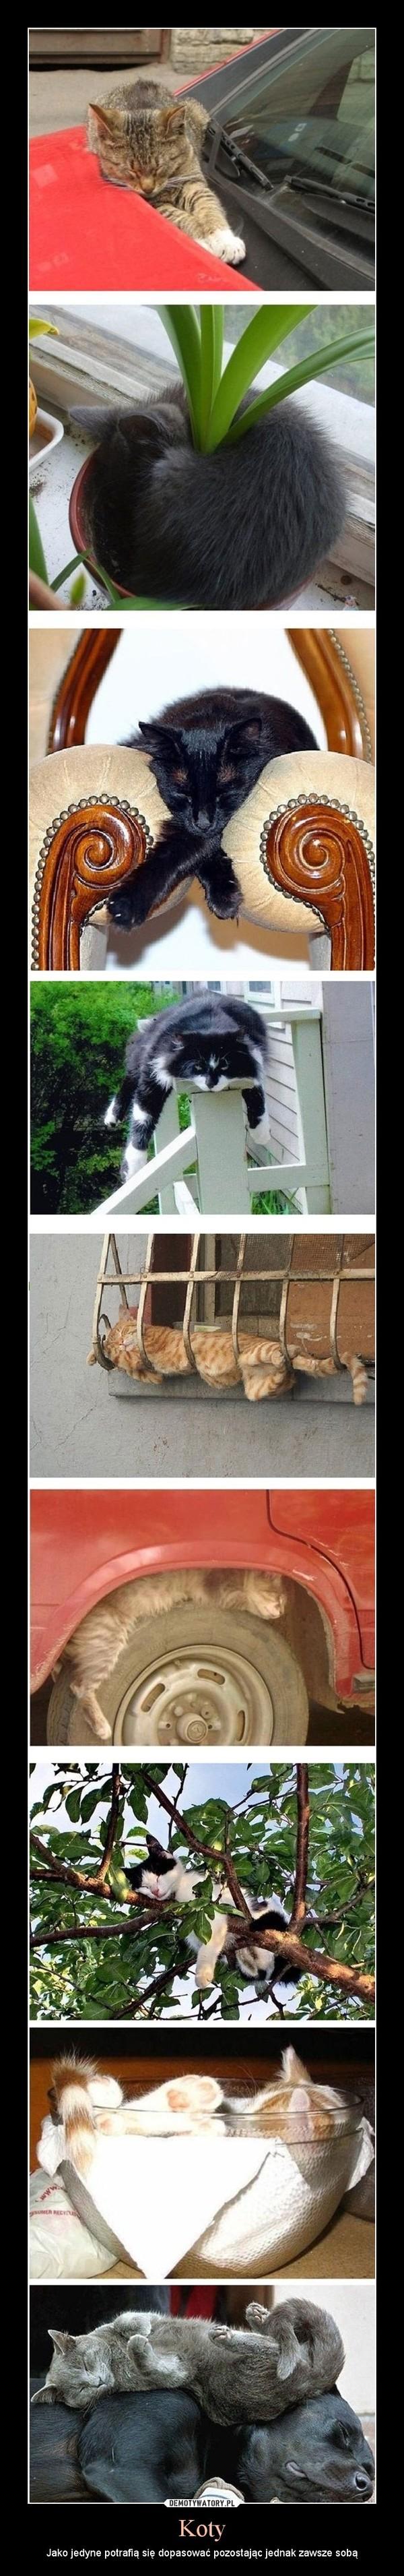 Koty – Jako jedyne potrafią się dopasować pozostając jednak zawsze sobą